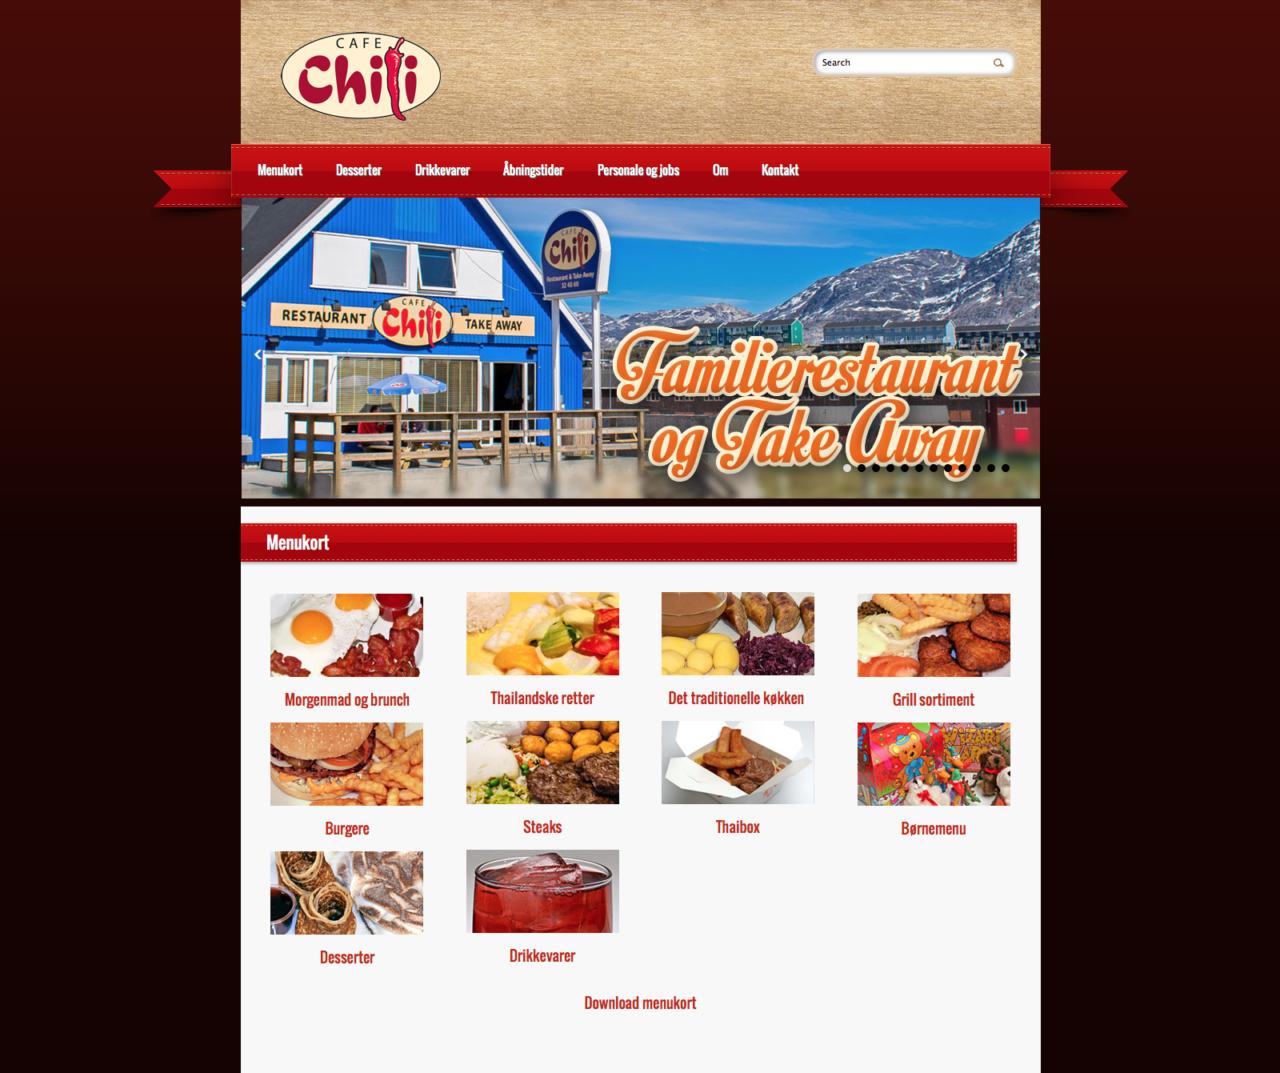 Café Chili webdesign